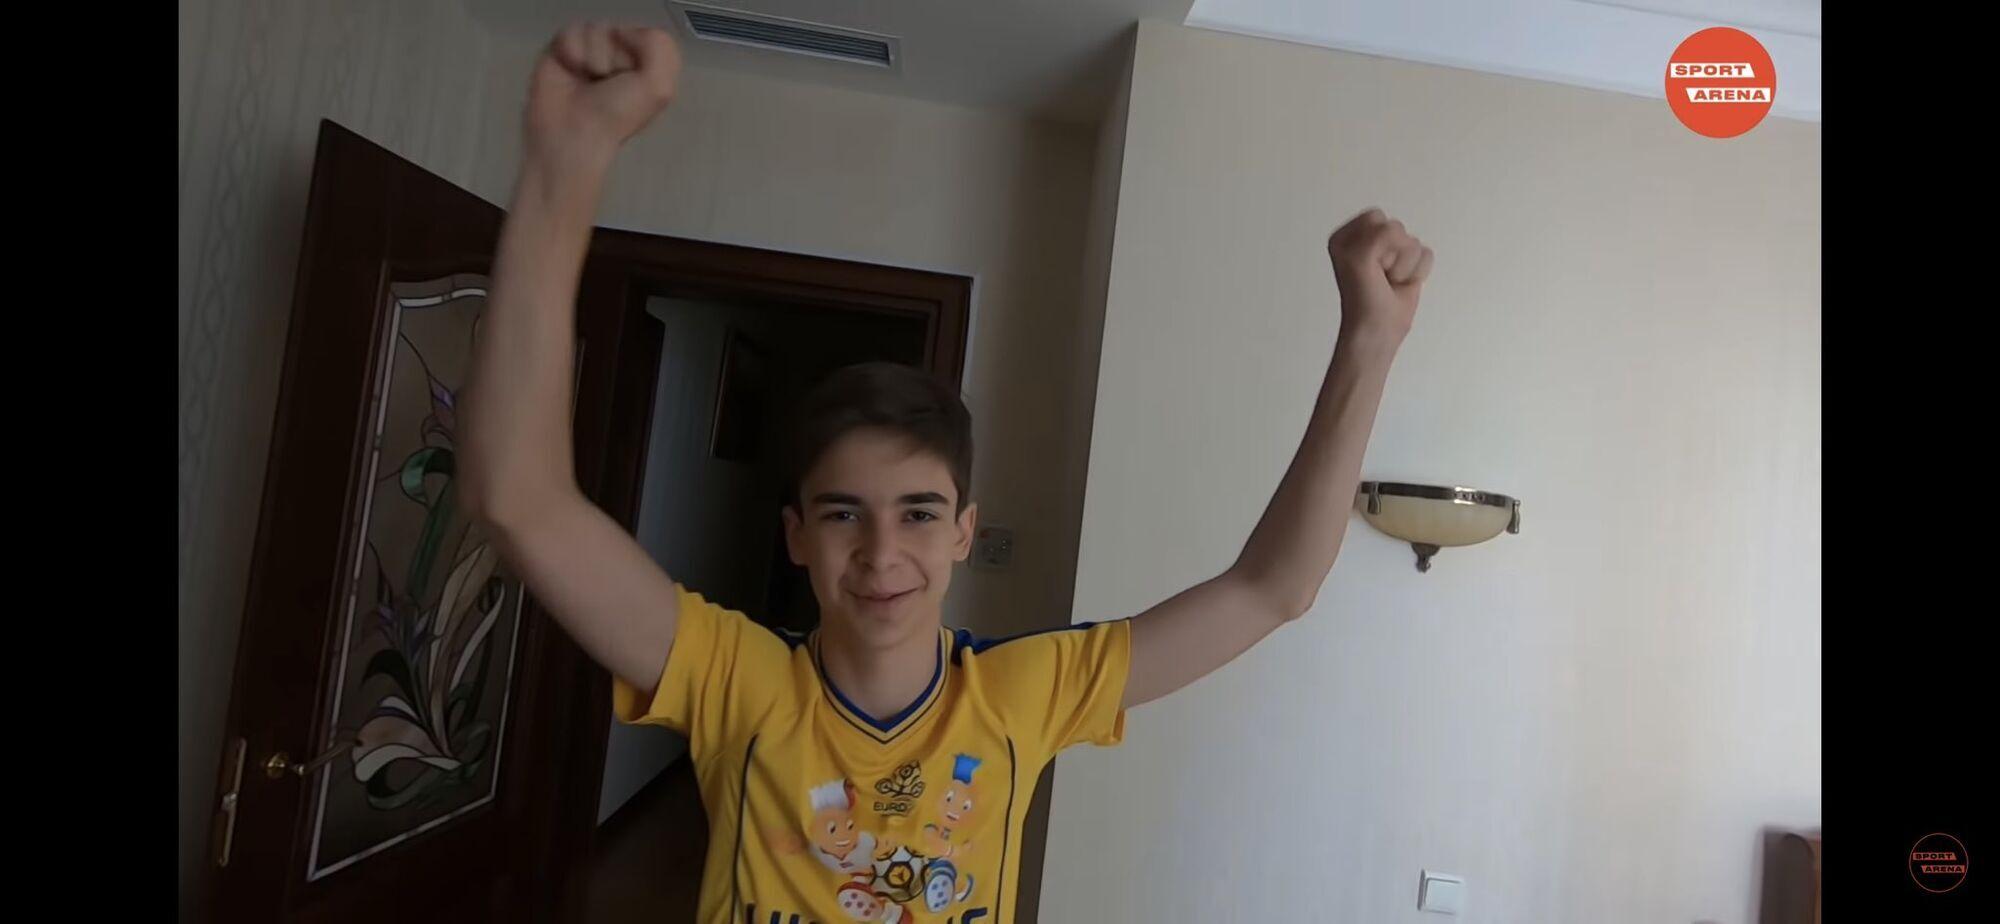 Вболівальник Тимур продовжує підтримувати збірну України